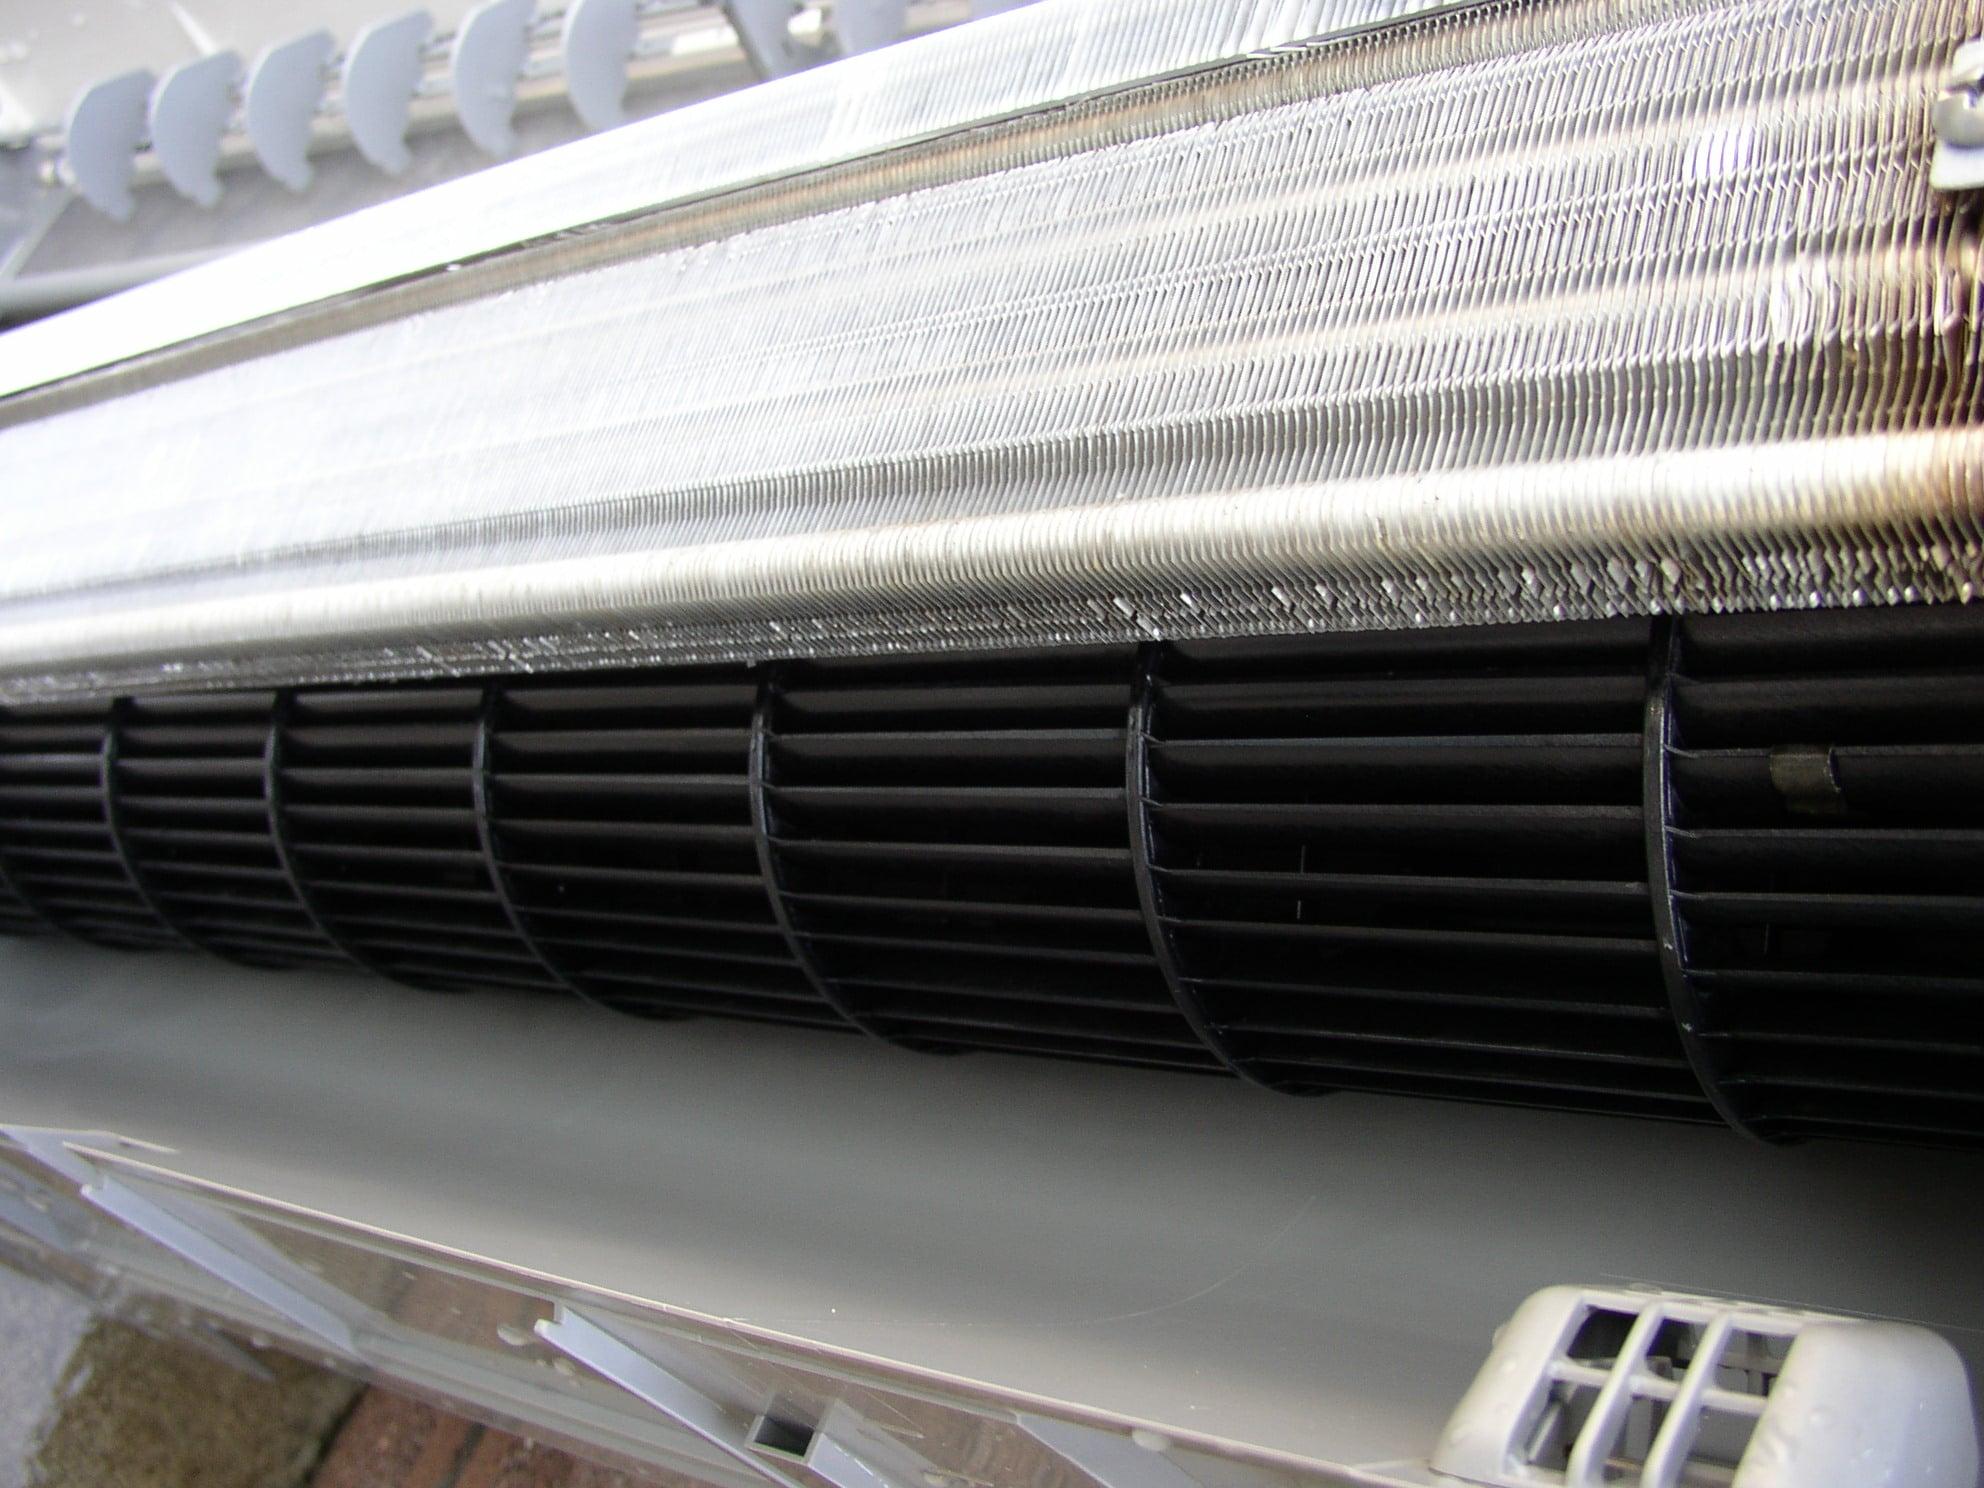 【エアコンクリーニング】家庭用壁掛け型エアコン クリーニング 『東京都八王子市周辺地域限定』3台まとめてのイメージその3